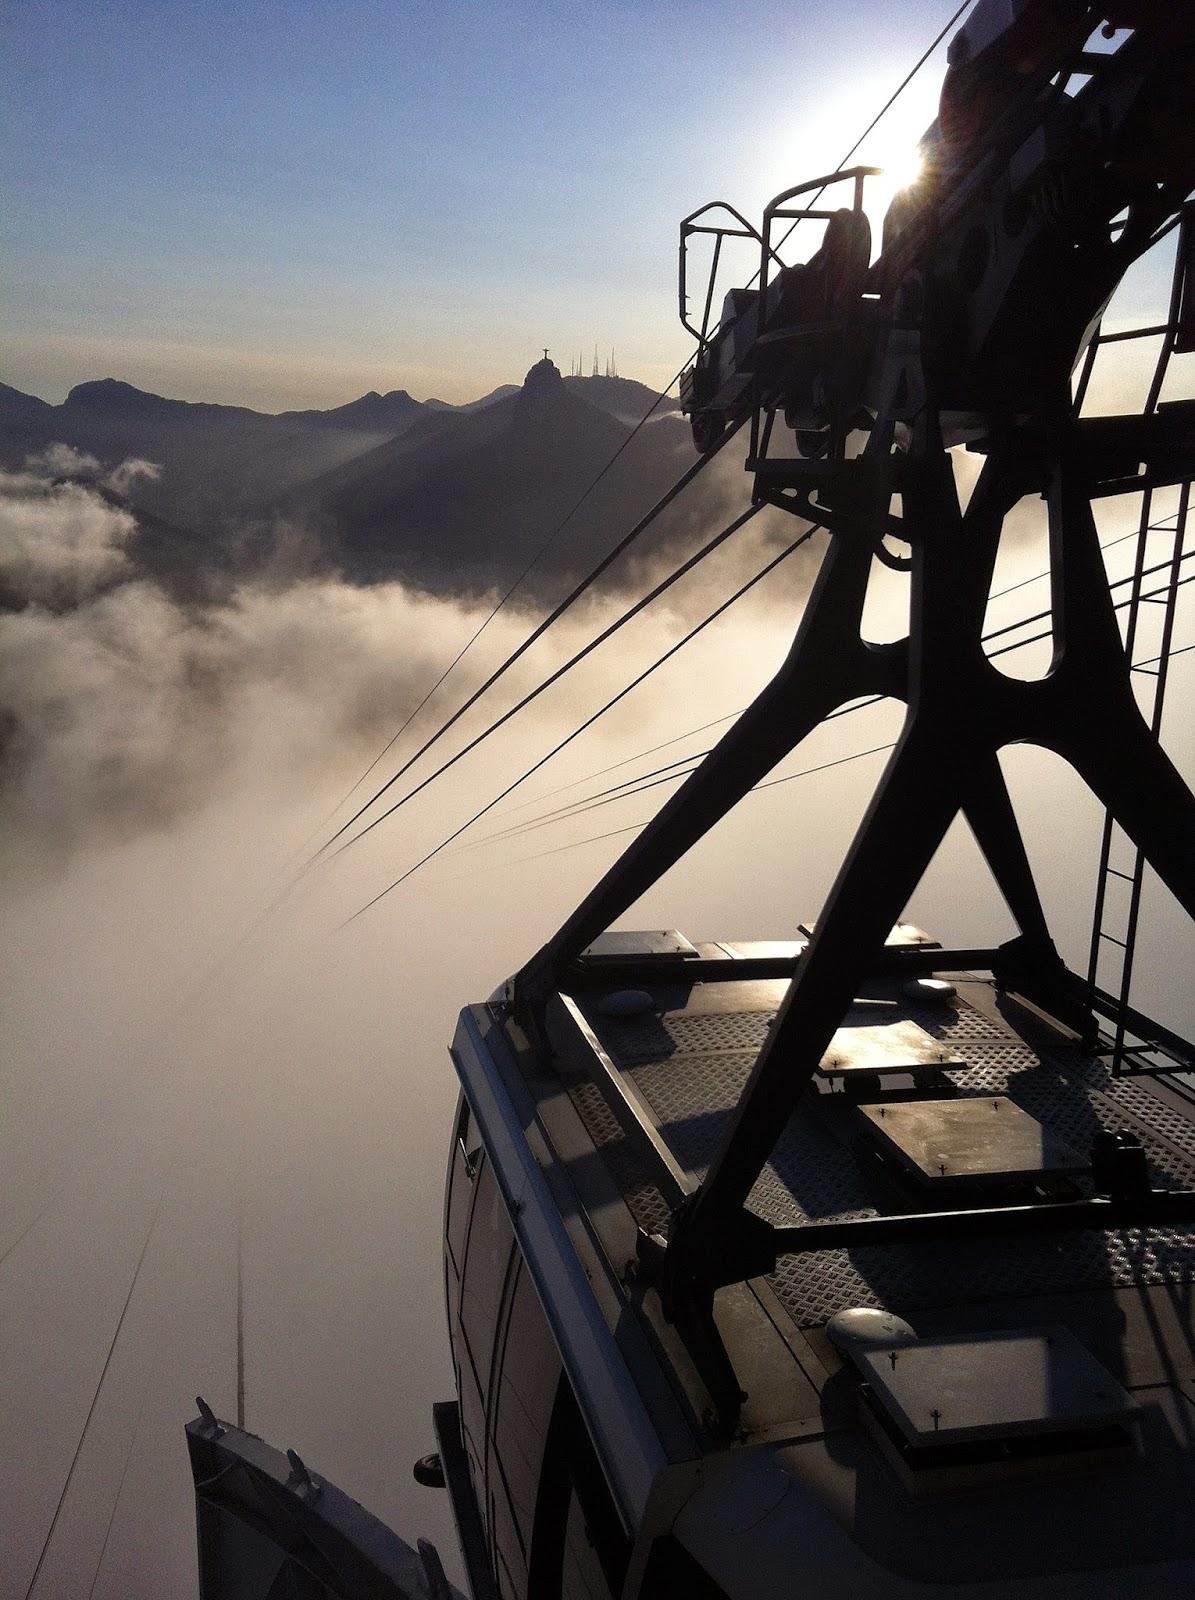 Cable car to Sugarloaf Mountain Rio de Janeiro